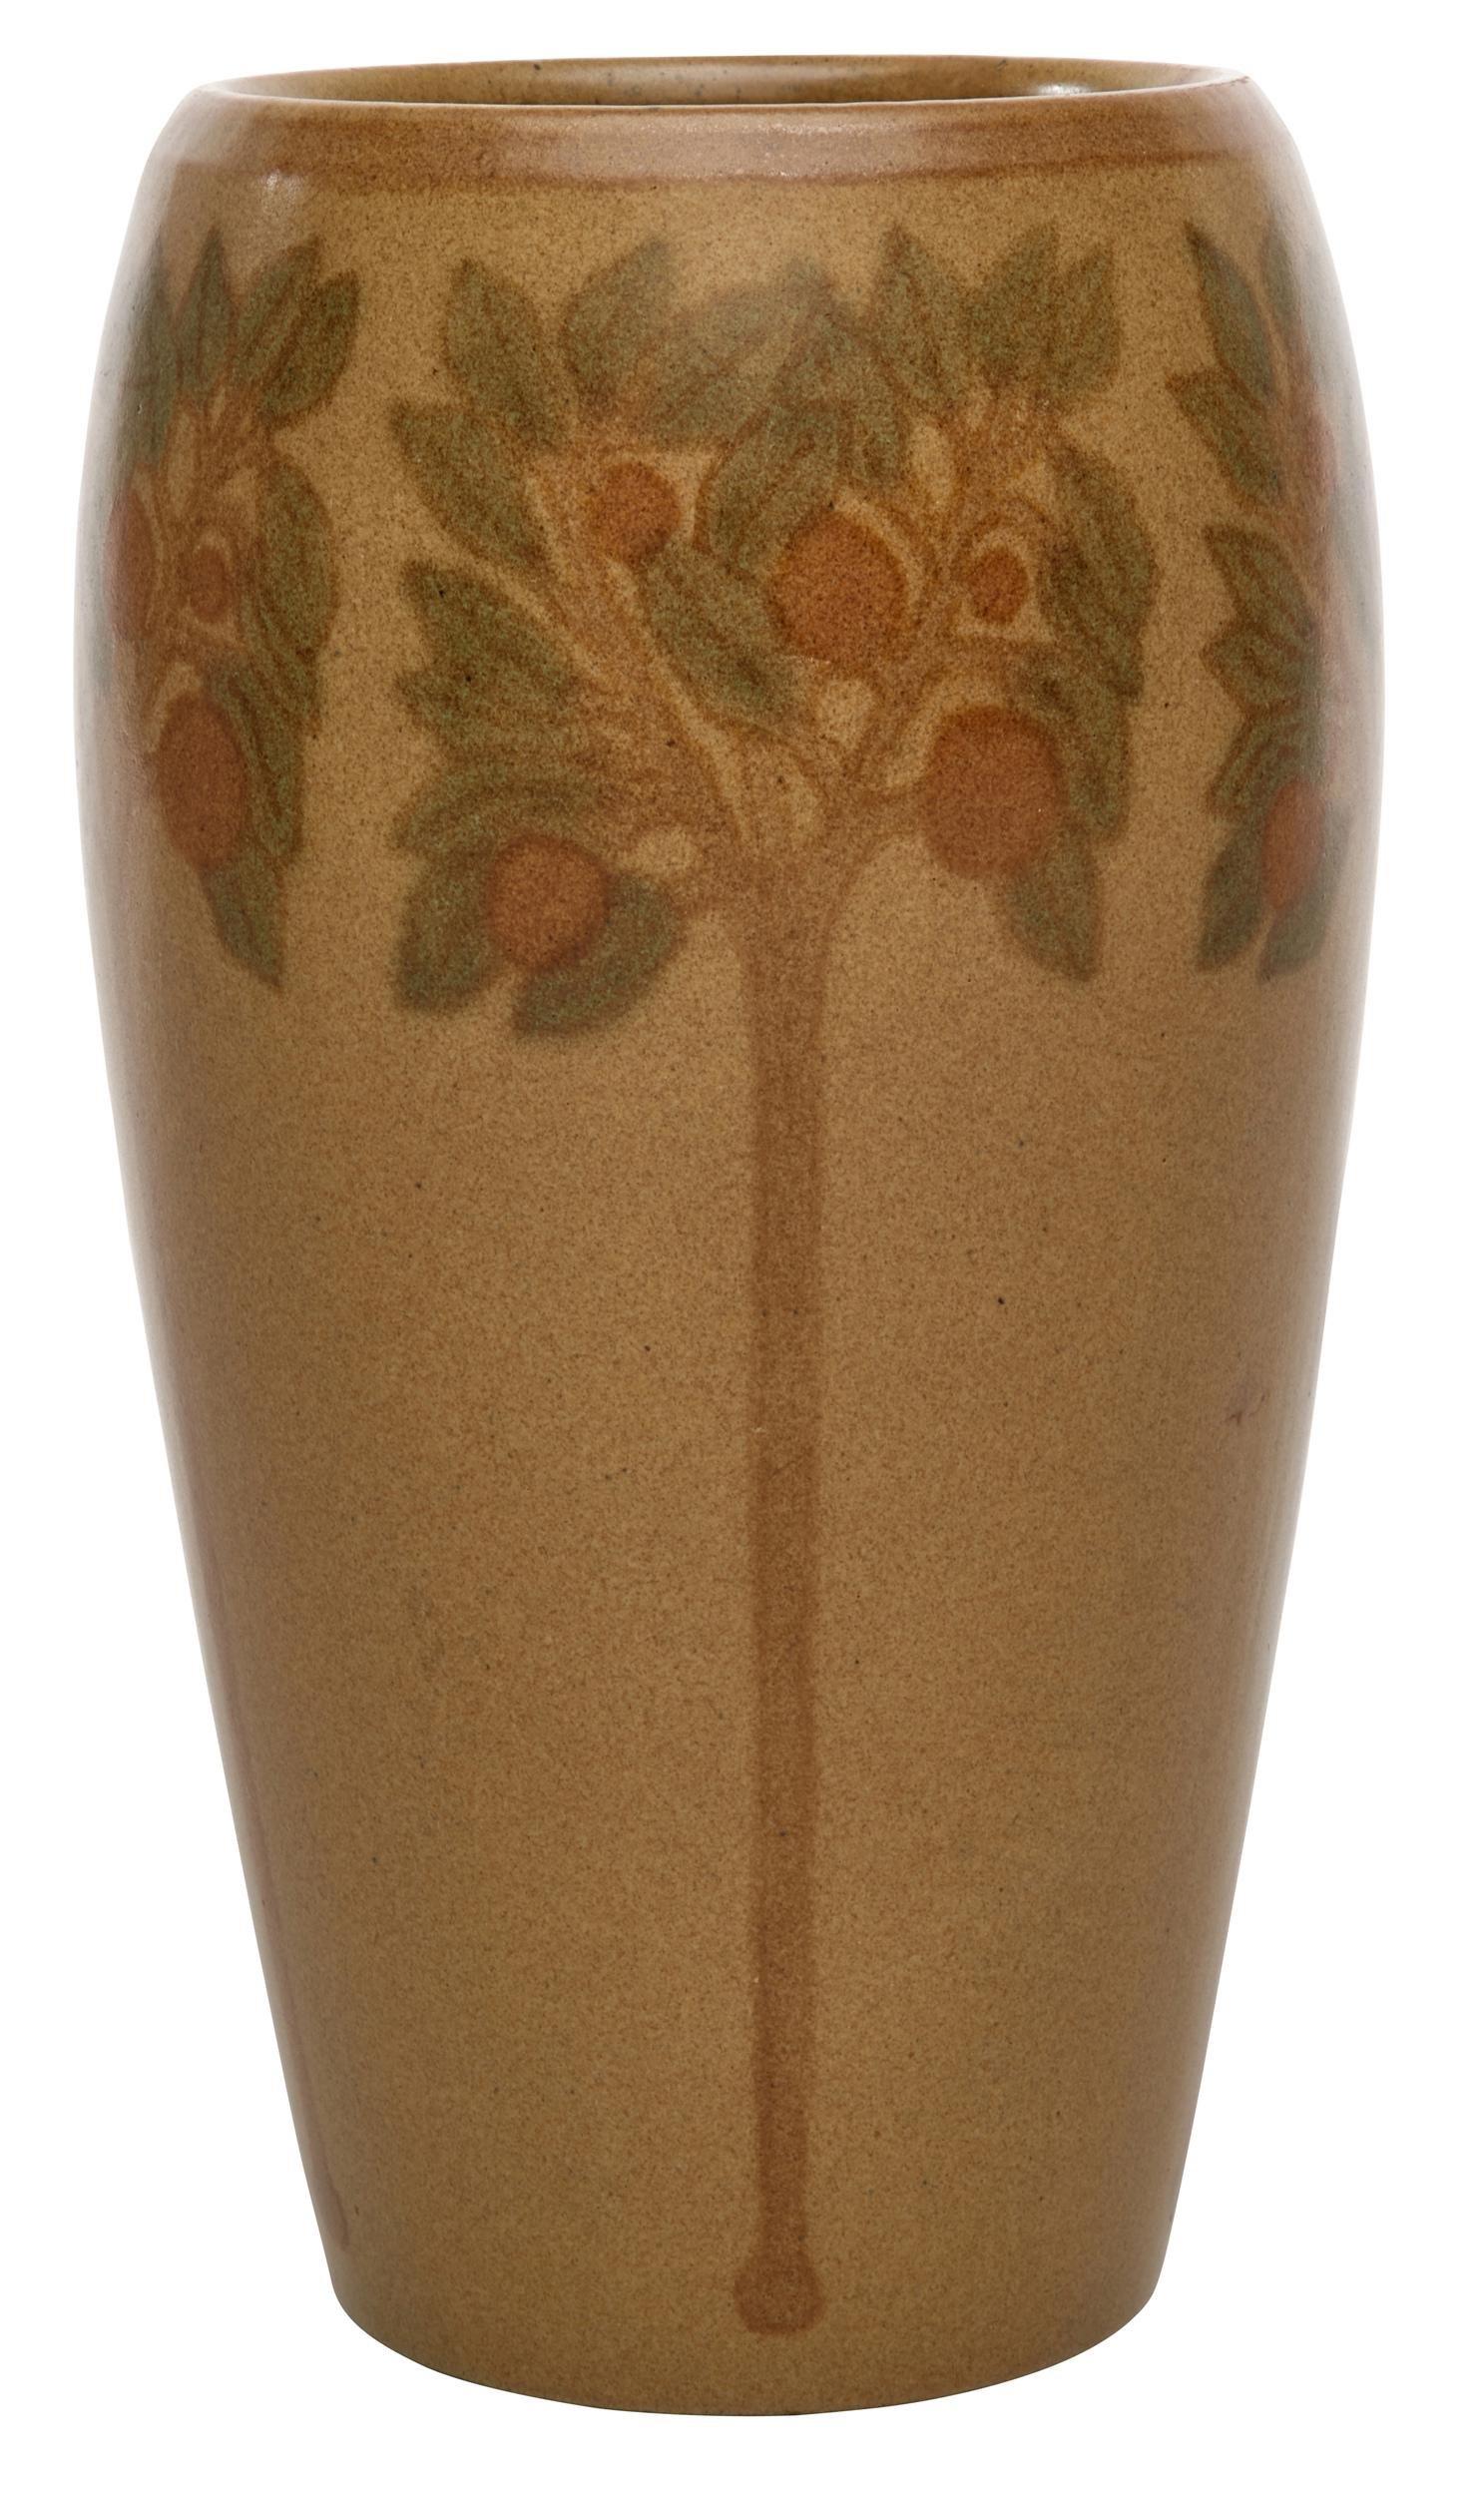 Marblehead vase